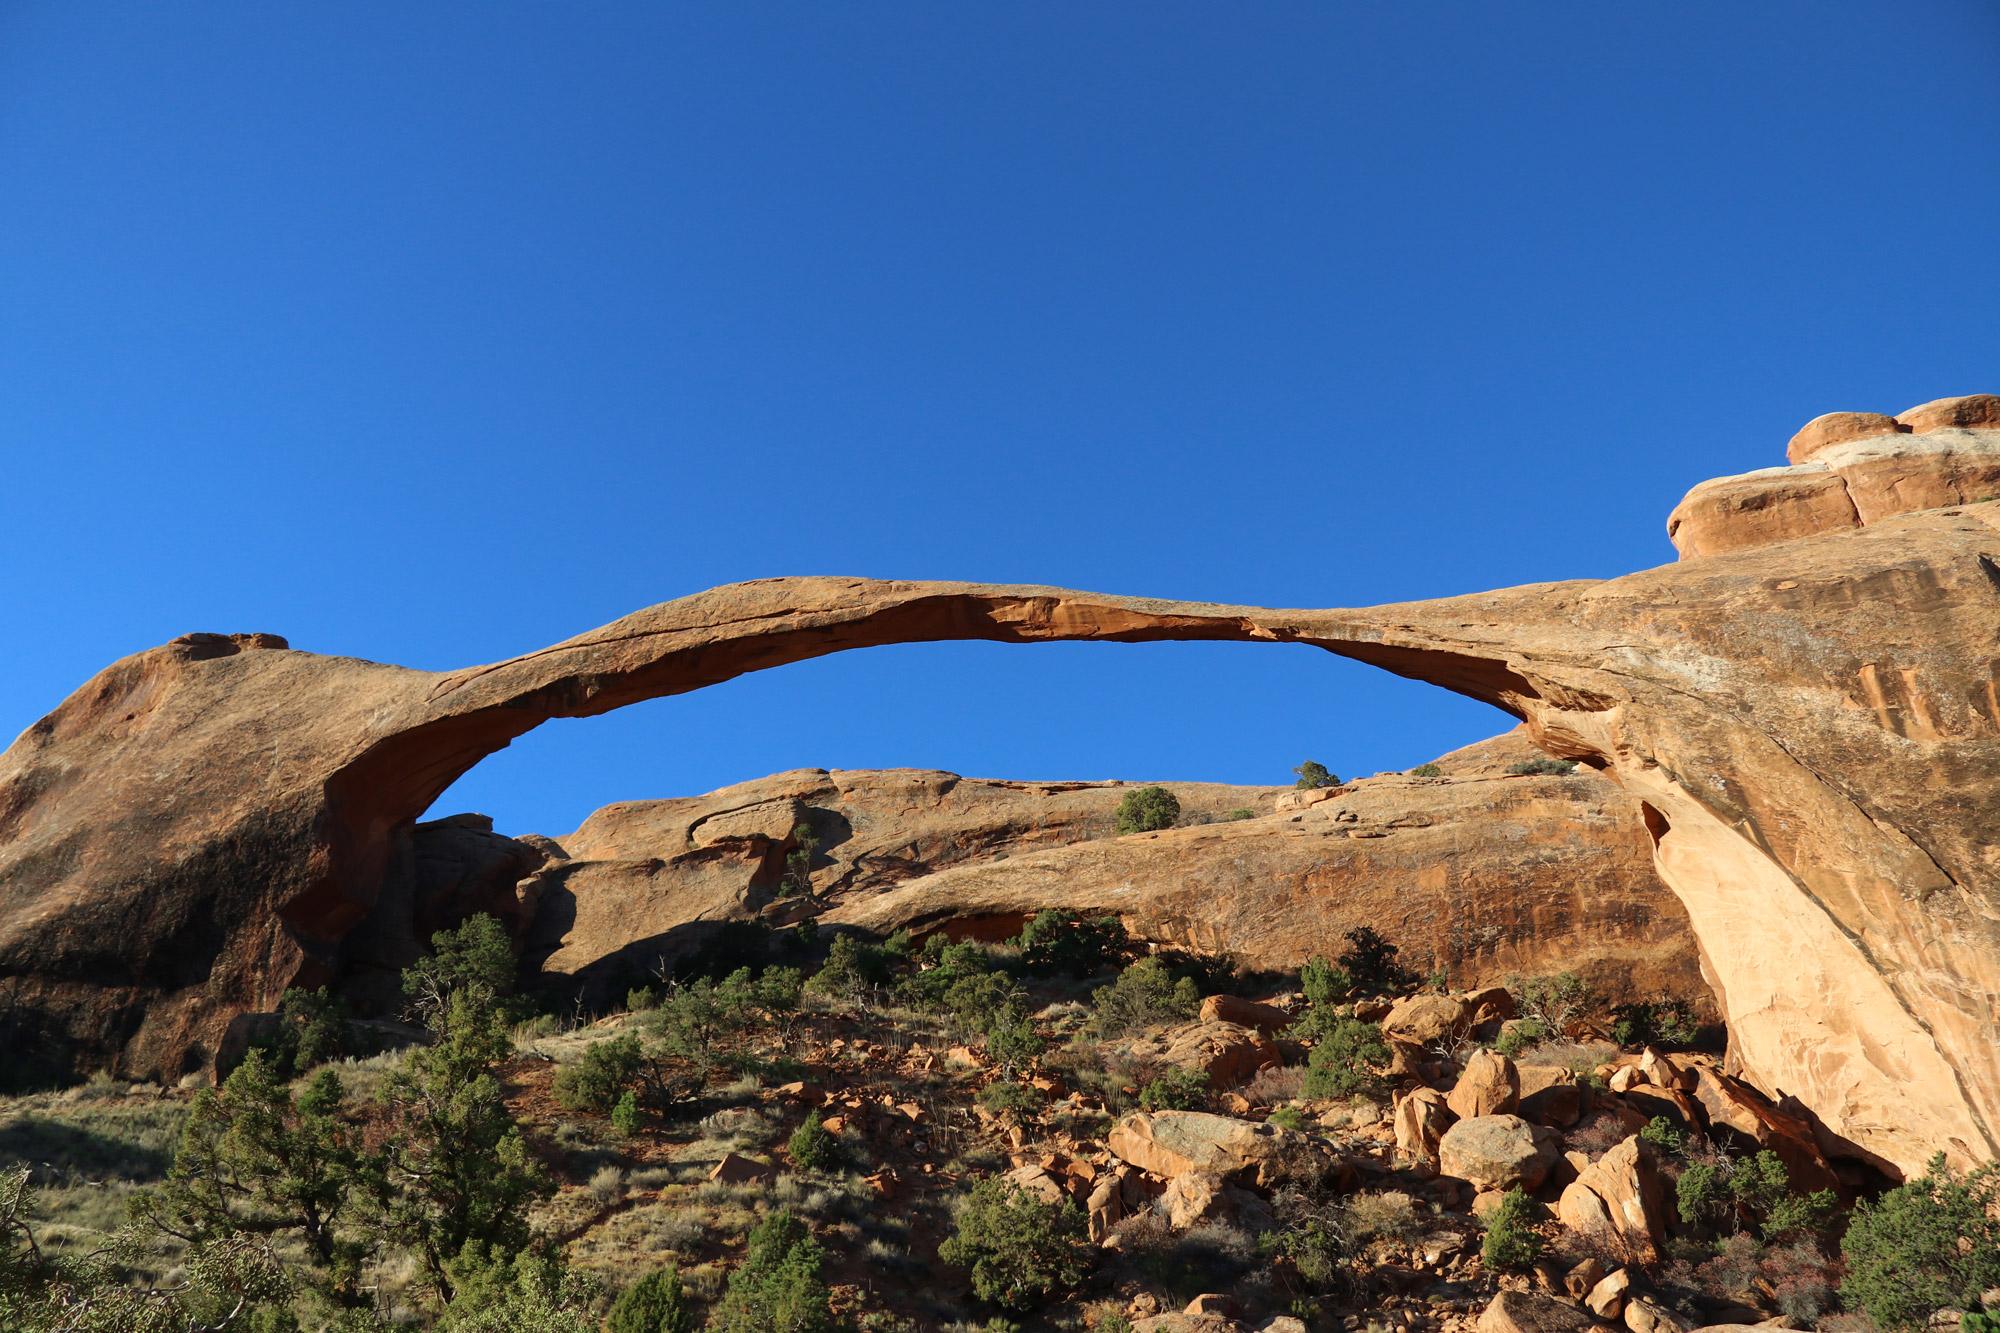 Amerika dag 9 - Arches National Park - Landscape Arch